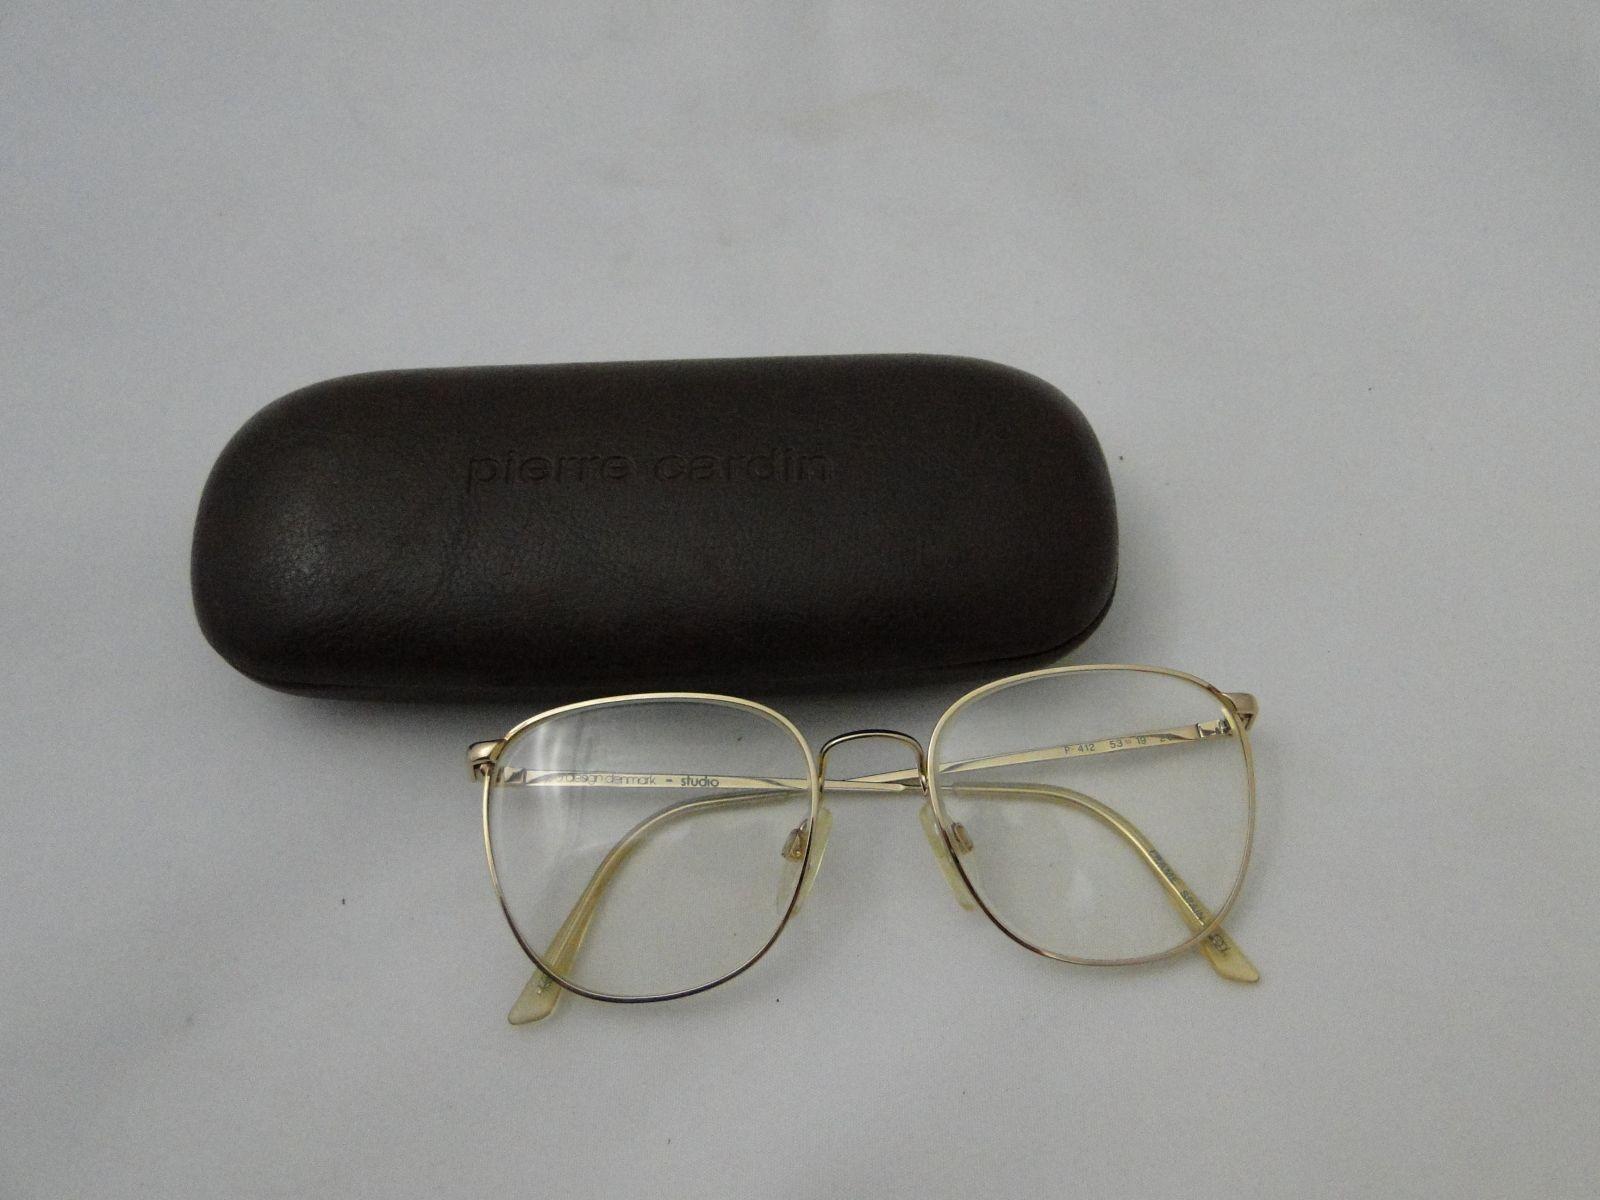 7438 Férfi PIERRE CARDIN dioptriás szemüveg tokba - 12000 Ft ... d9ee8290b7